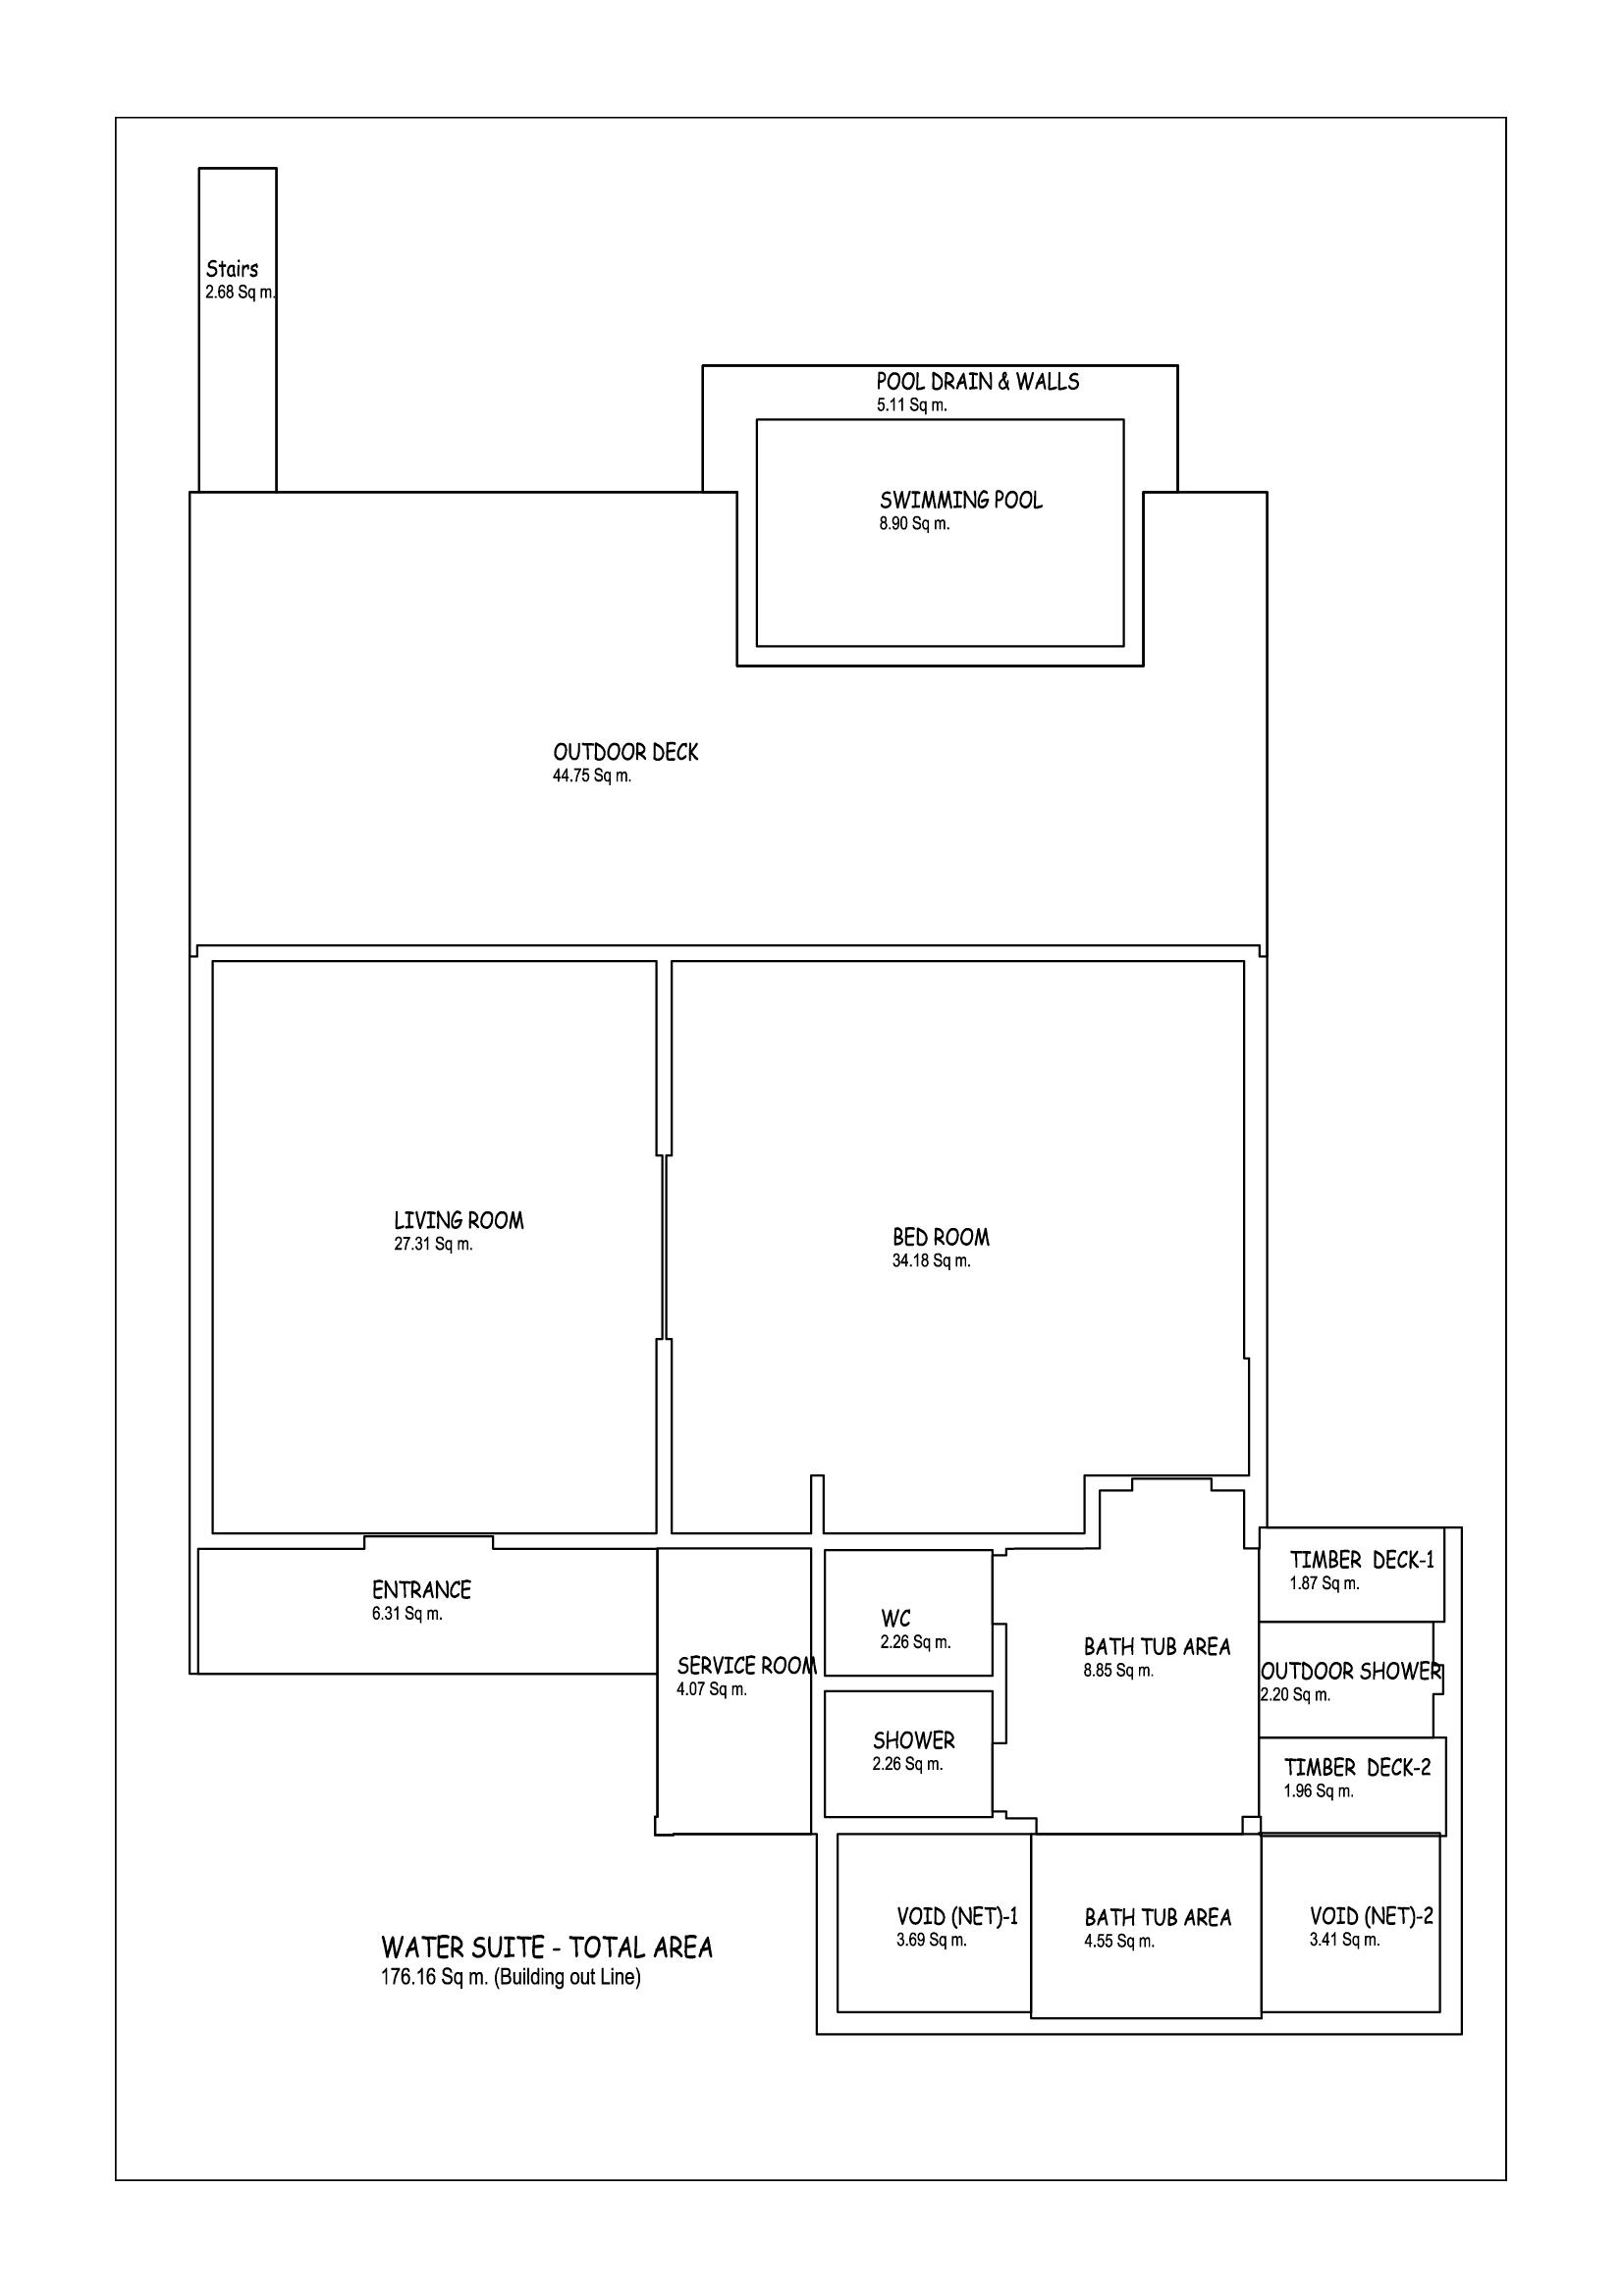 Мальдивы, Отель Amari Havodda Maldives, план-схема номера Overwater Pool Suite